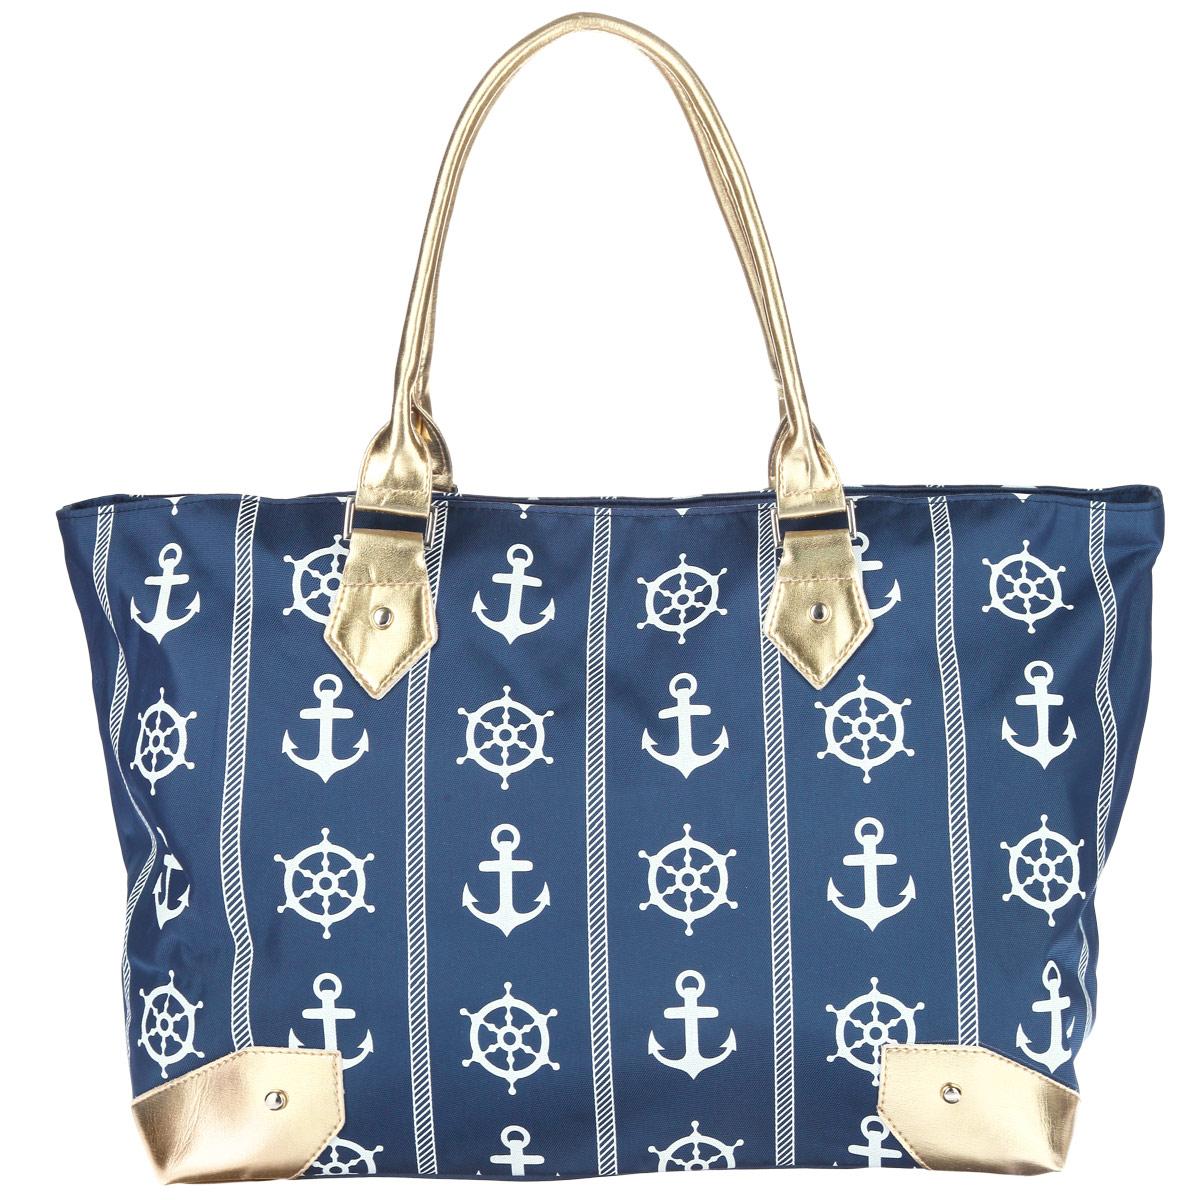 Сумка дорожная Antan Морской стиль, цвет: синий. 1-21-2 Морской стиль 2/синийВместительная дорожная сумка Antan выполнена из качественного полиэстера, оформлена оригинальным морским принтом и вставками из золотой кожи. Сумка состоит из одного отделения и закрывается на застежку-молнию с оригинальным бегунком вытянутой формы. Внутри - два накладных кармана на застежке-молнии. Удобные мягкие ручки выполнены из яркой золотой искусственной кожи. Дно сумки уплотнено. Такая модель отлично подойдет для поездок